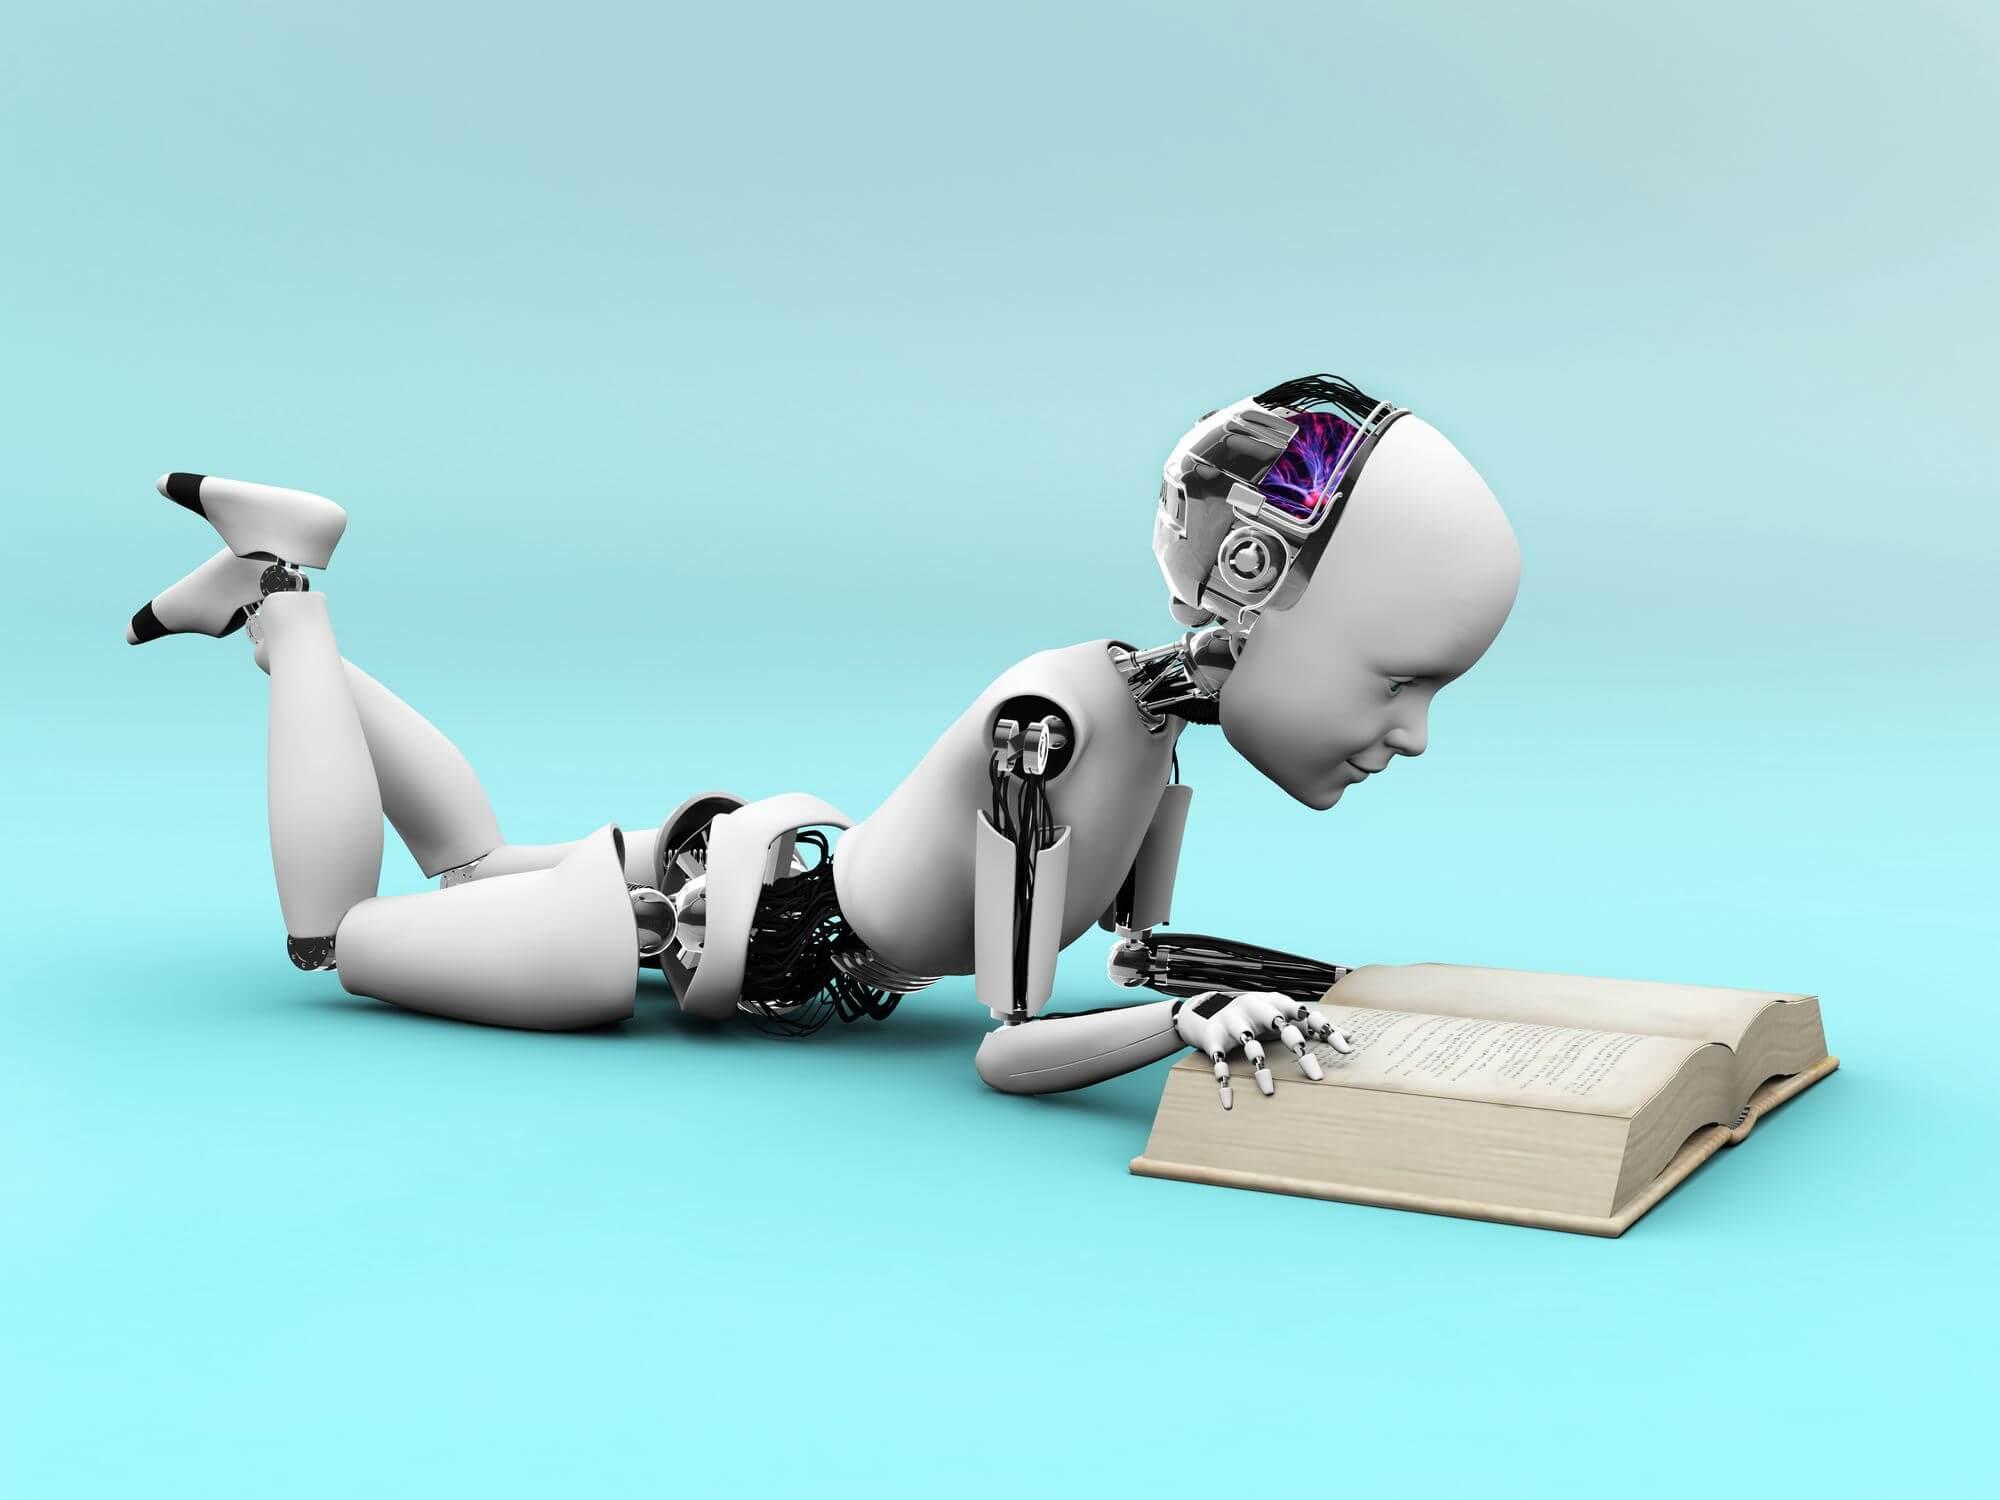 nodejs machine learning